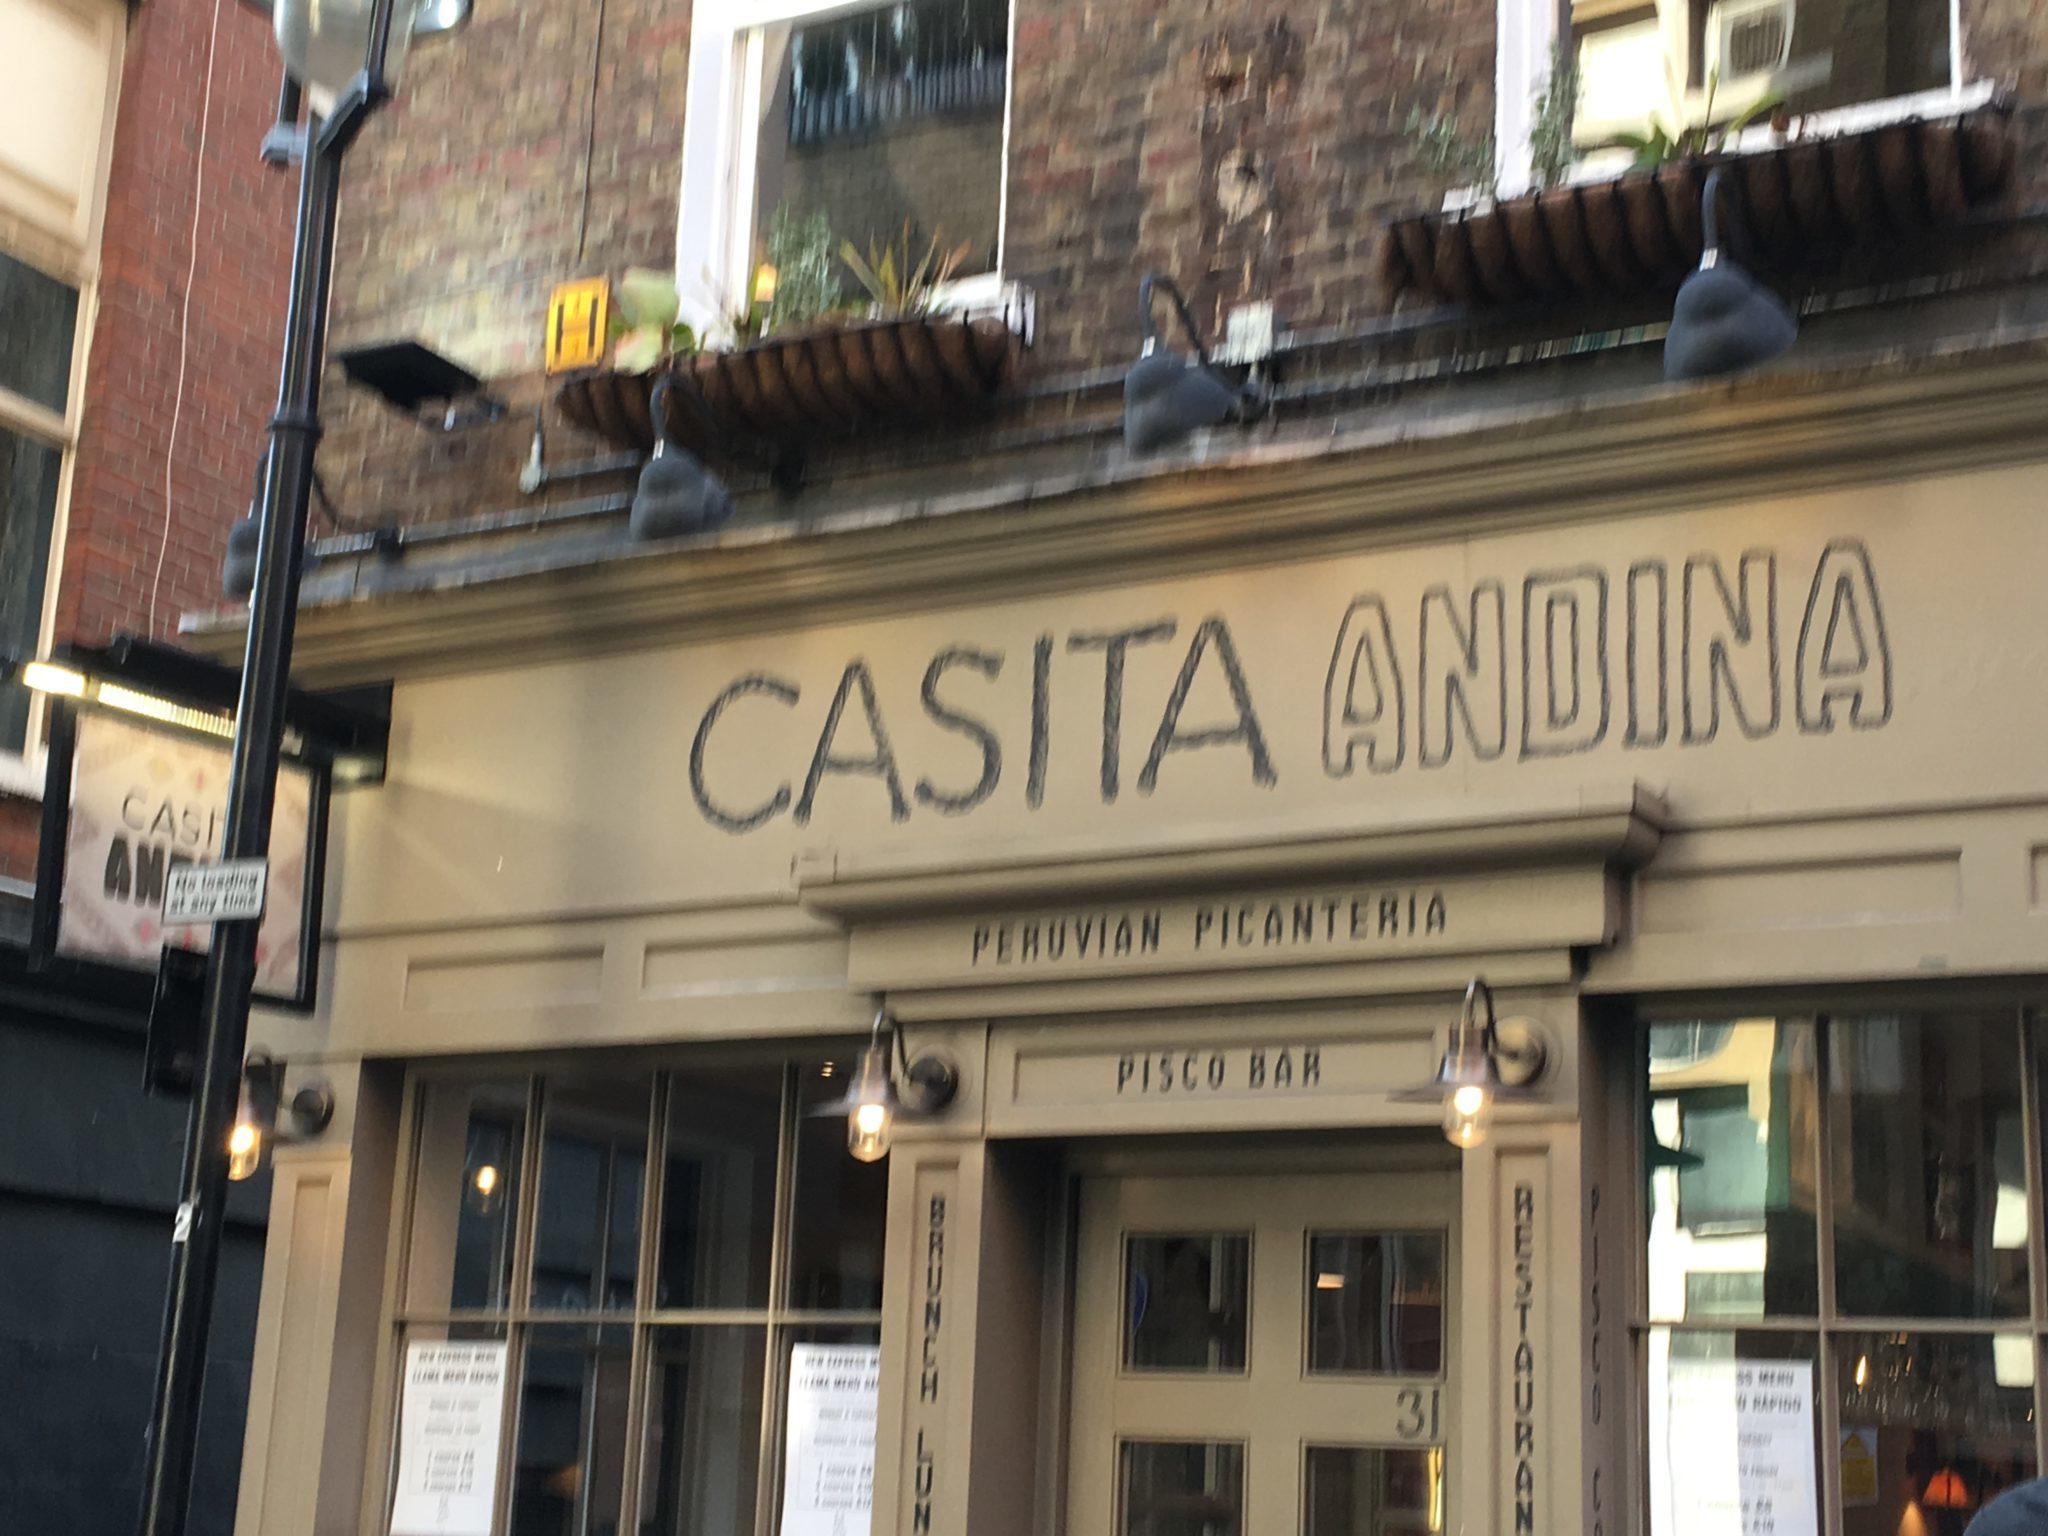 Casita Andina exterior